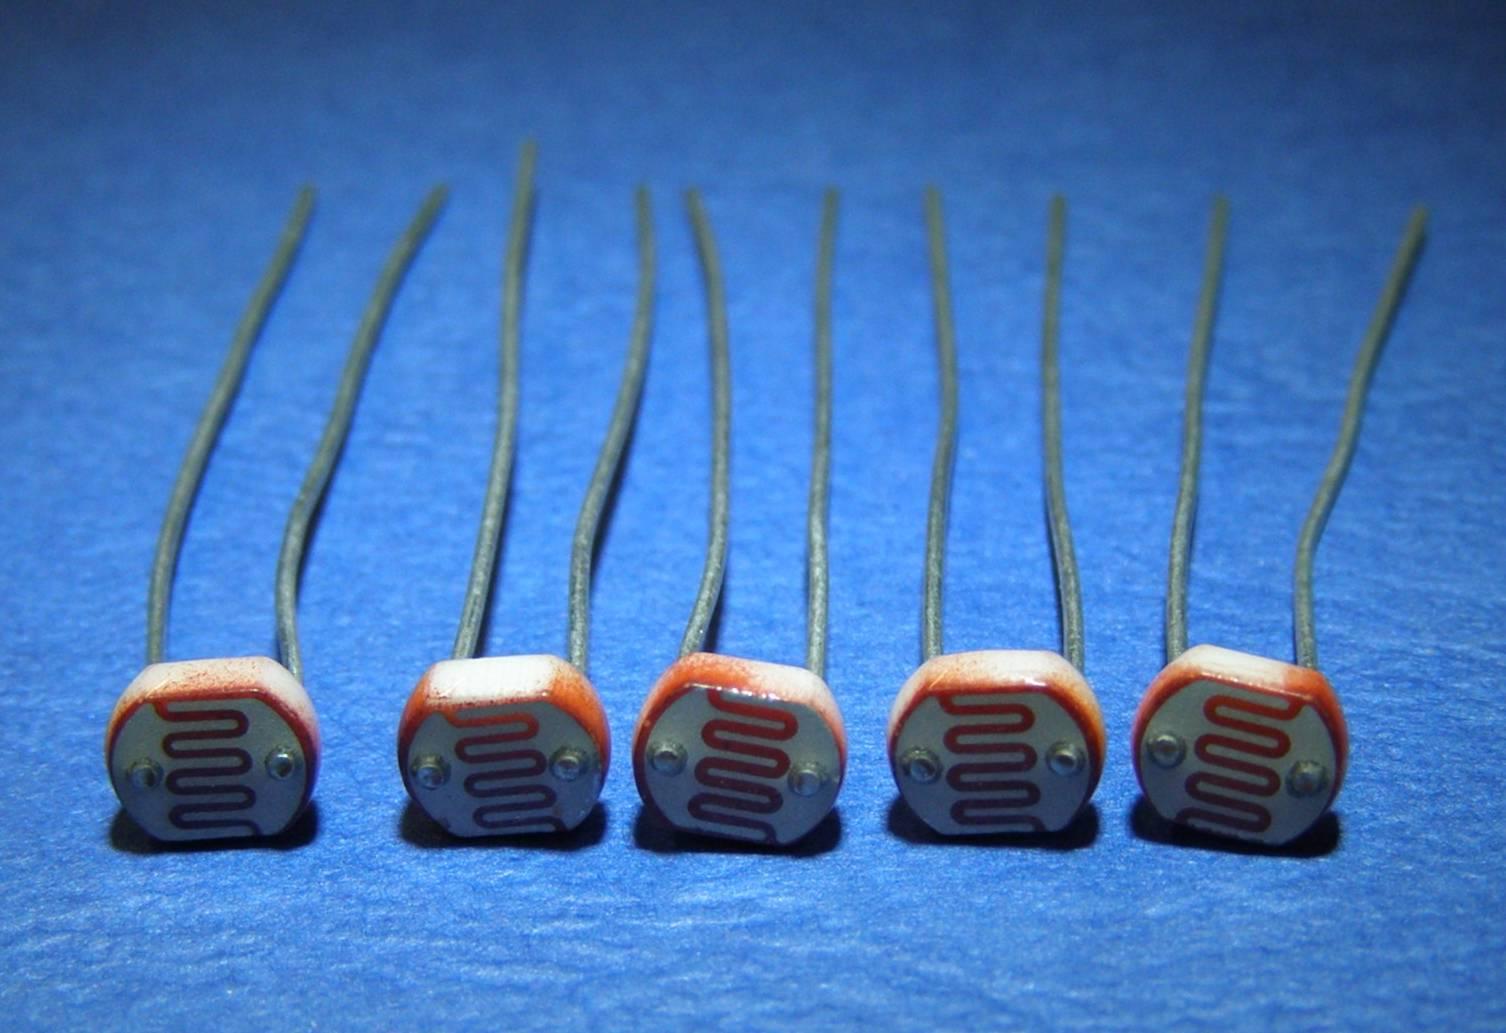 стоит термисторы и фоторезисторы картинки подписи